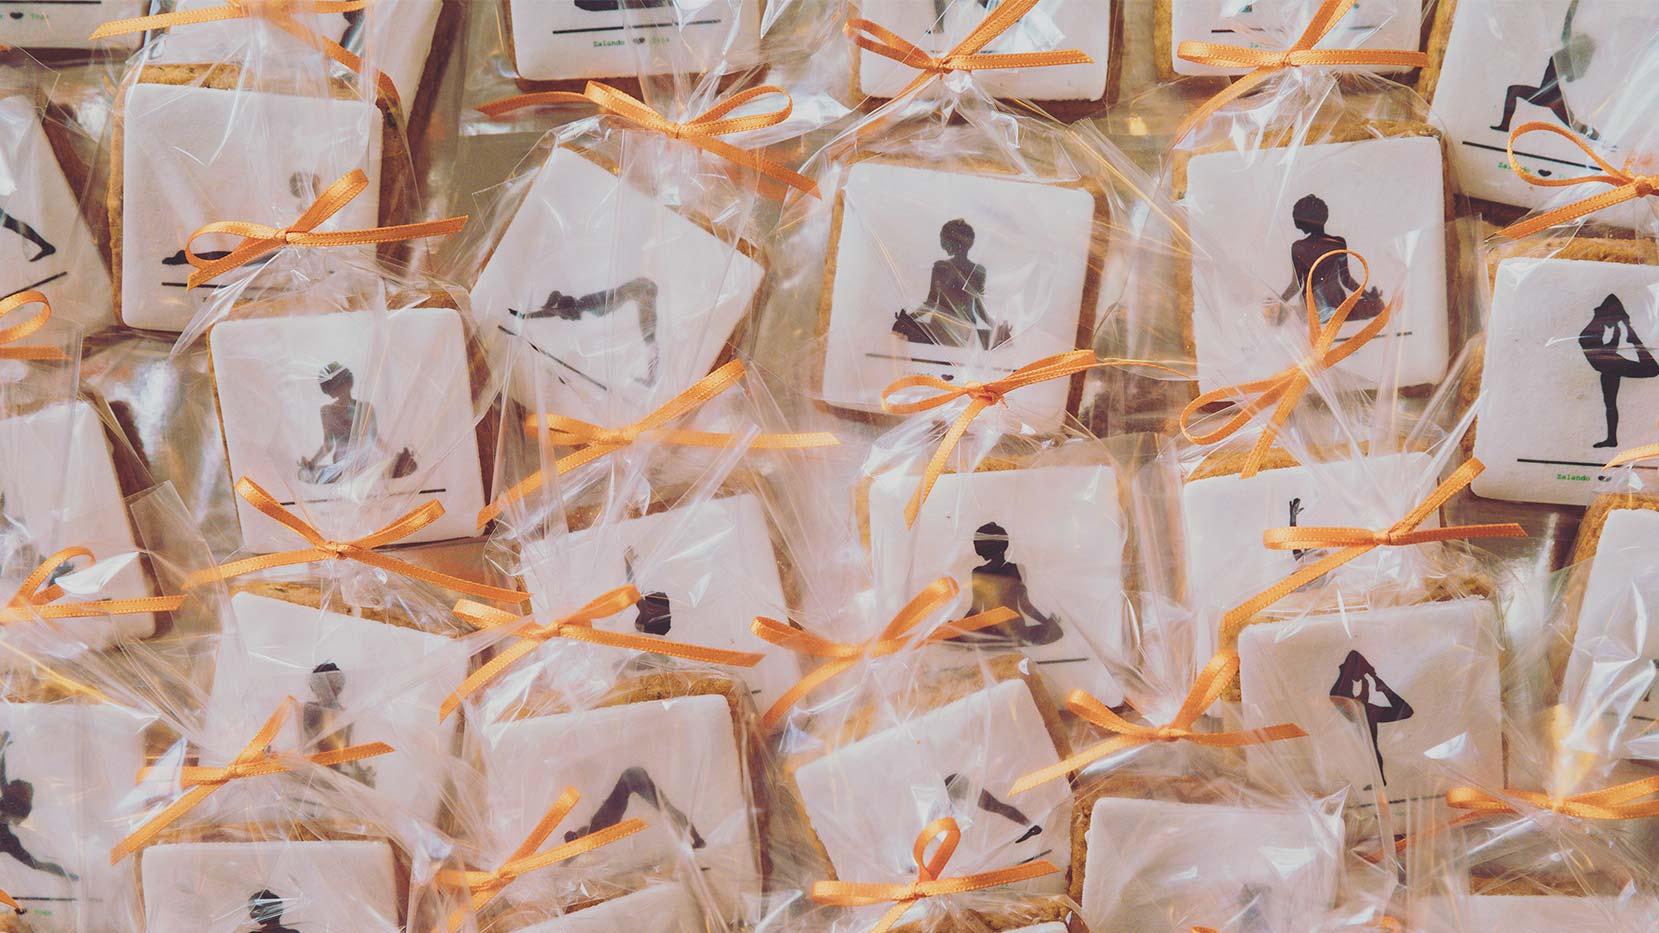 Kekse mit Yogaposen